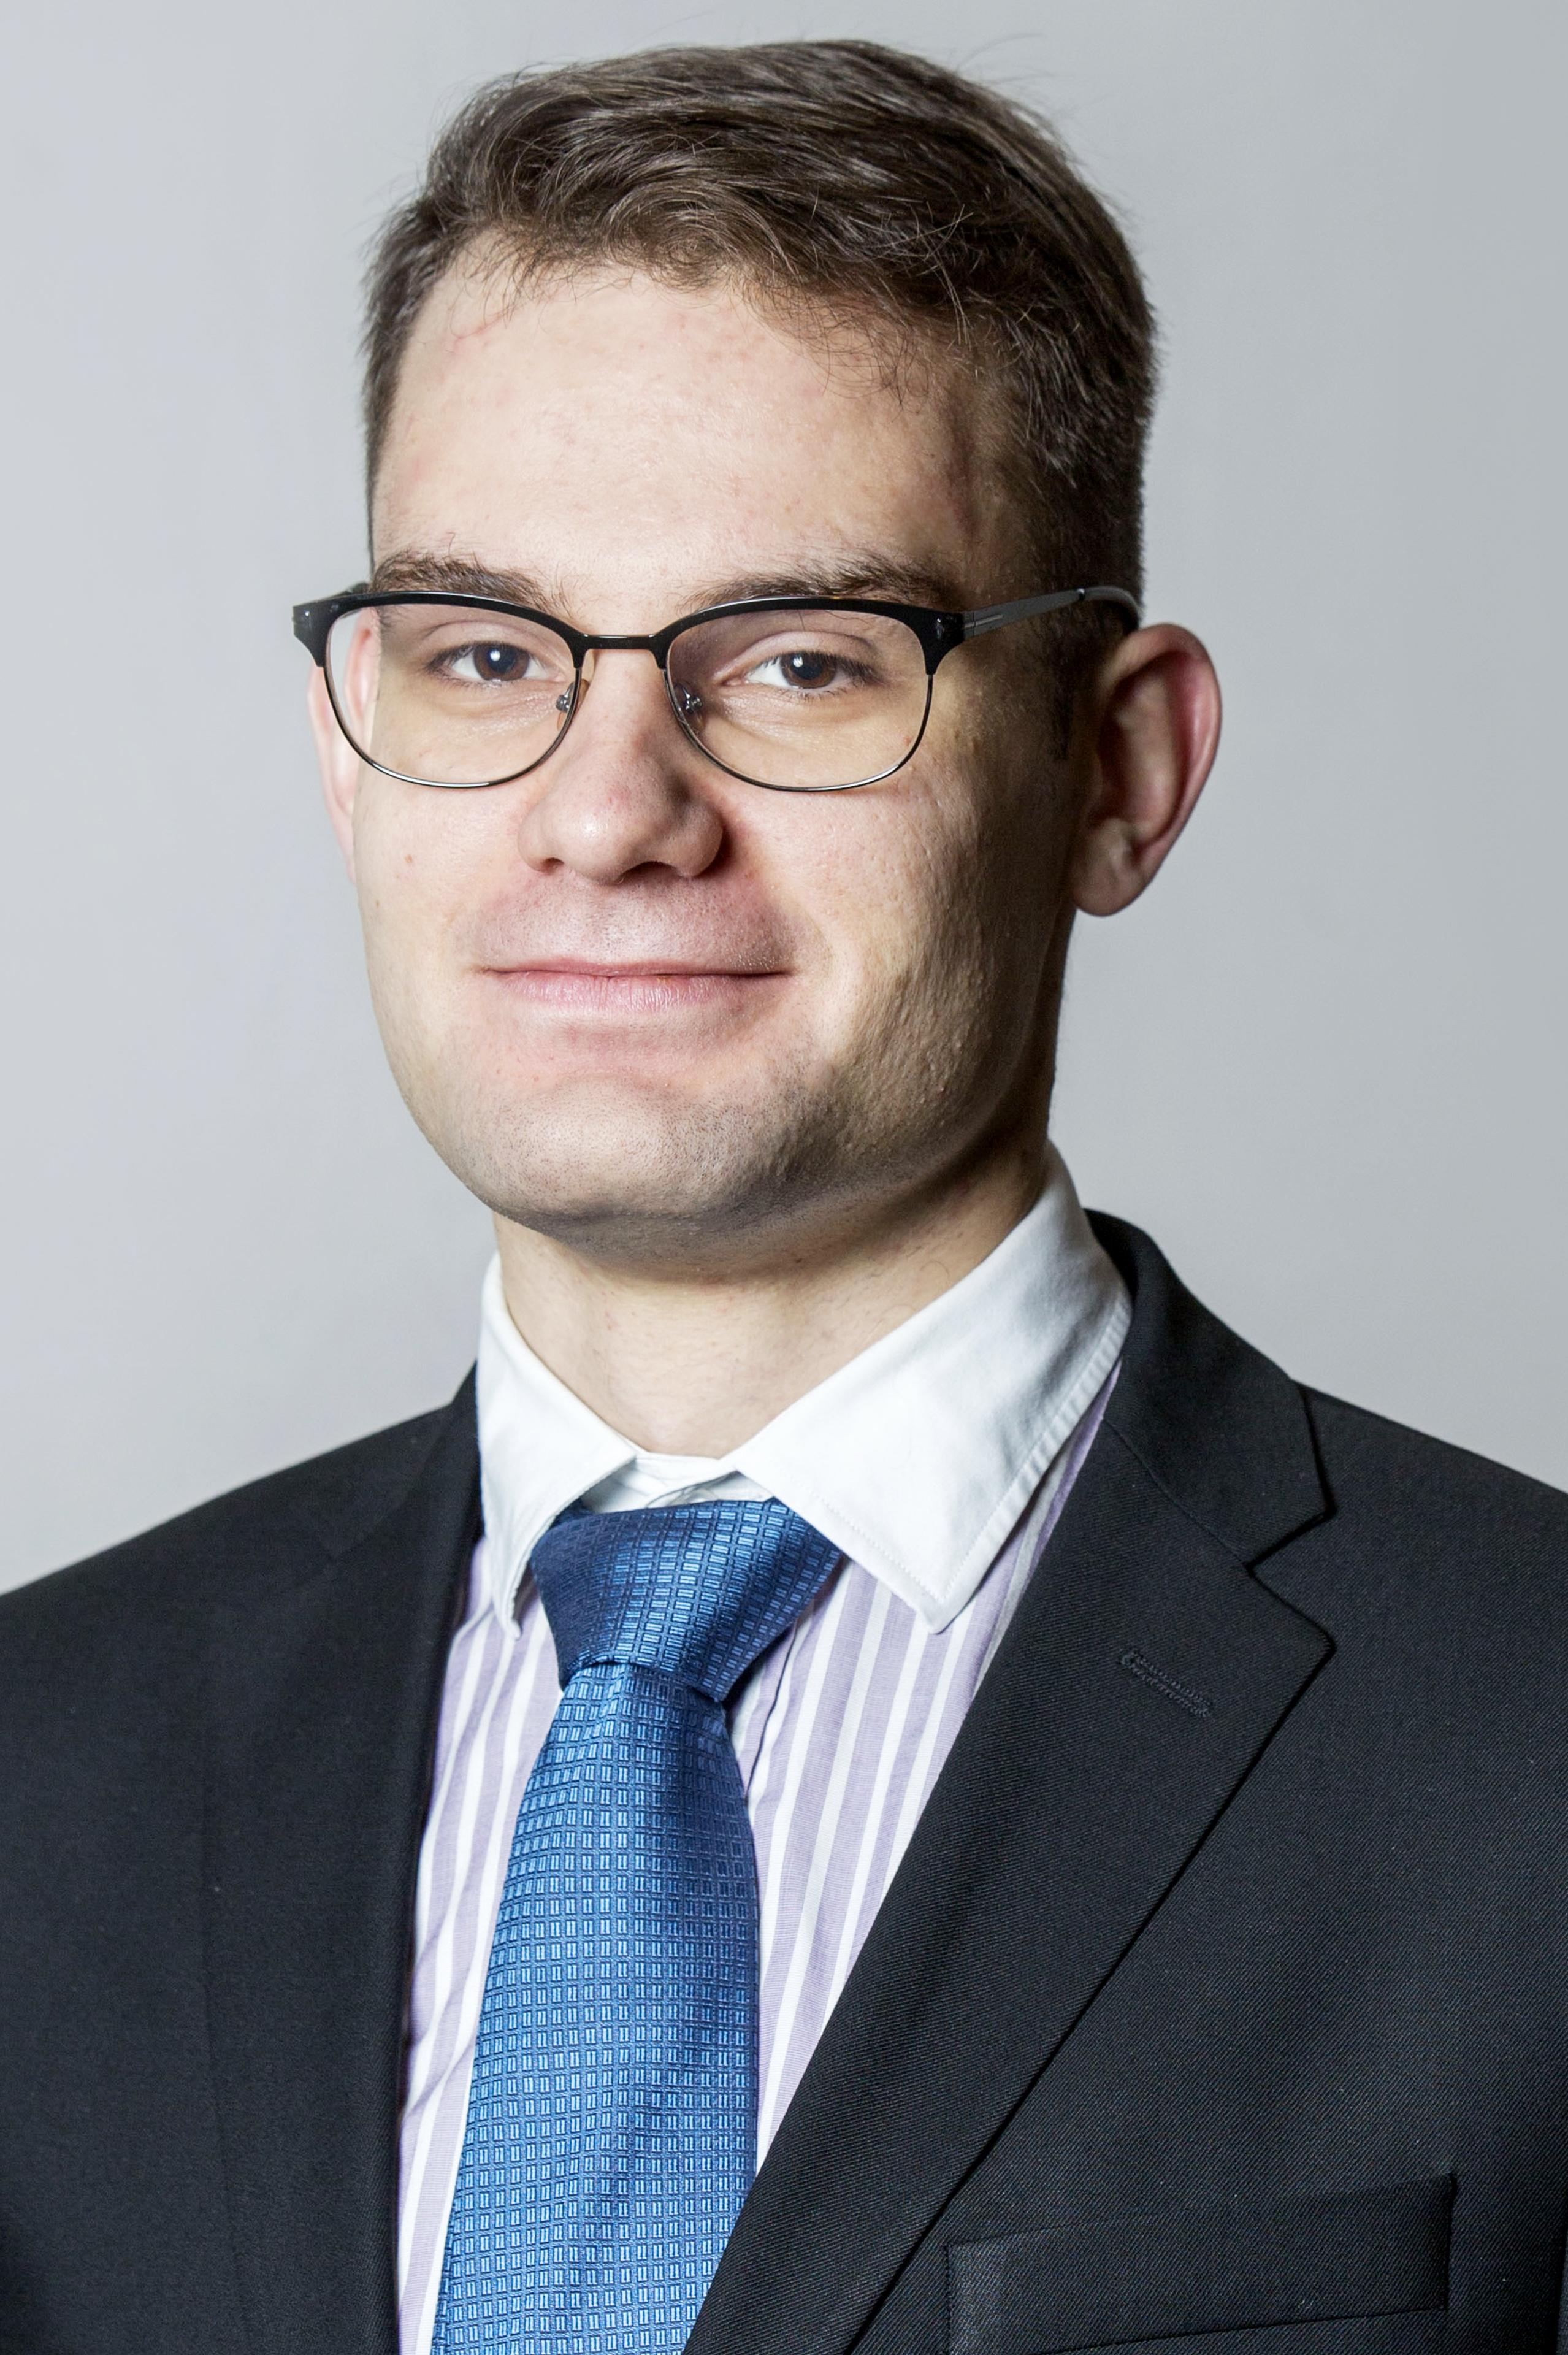 Danail Vasilev